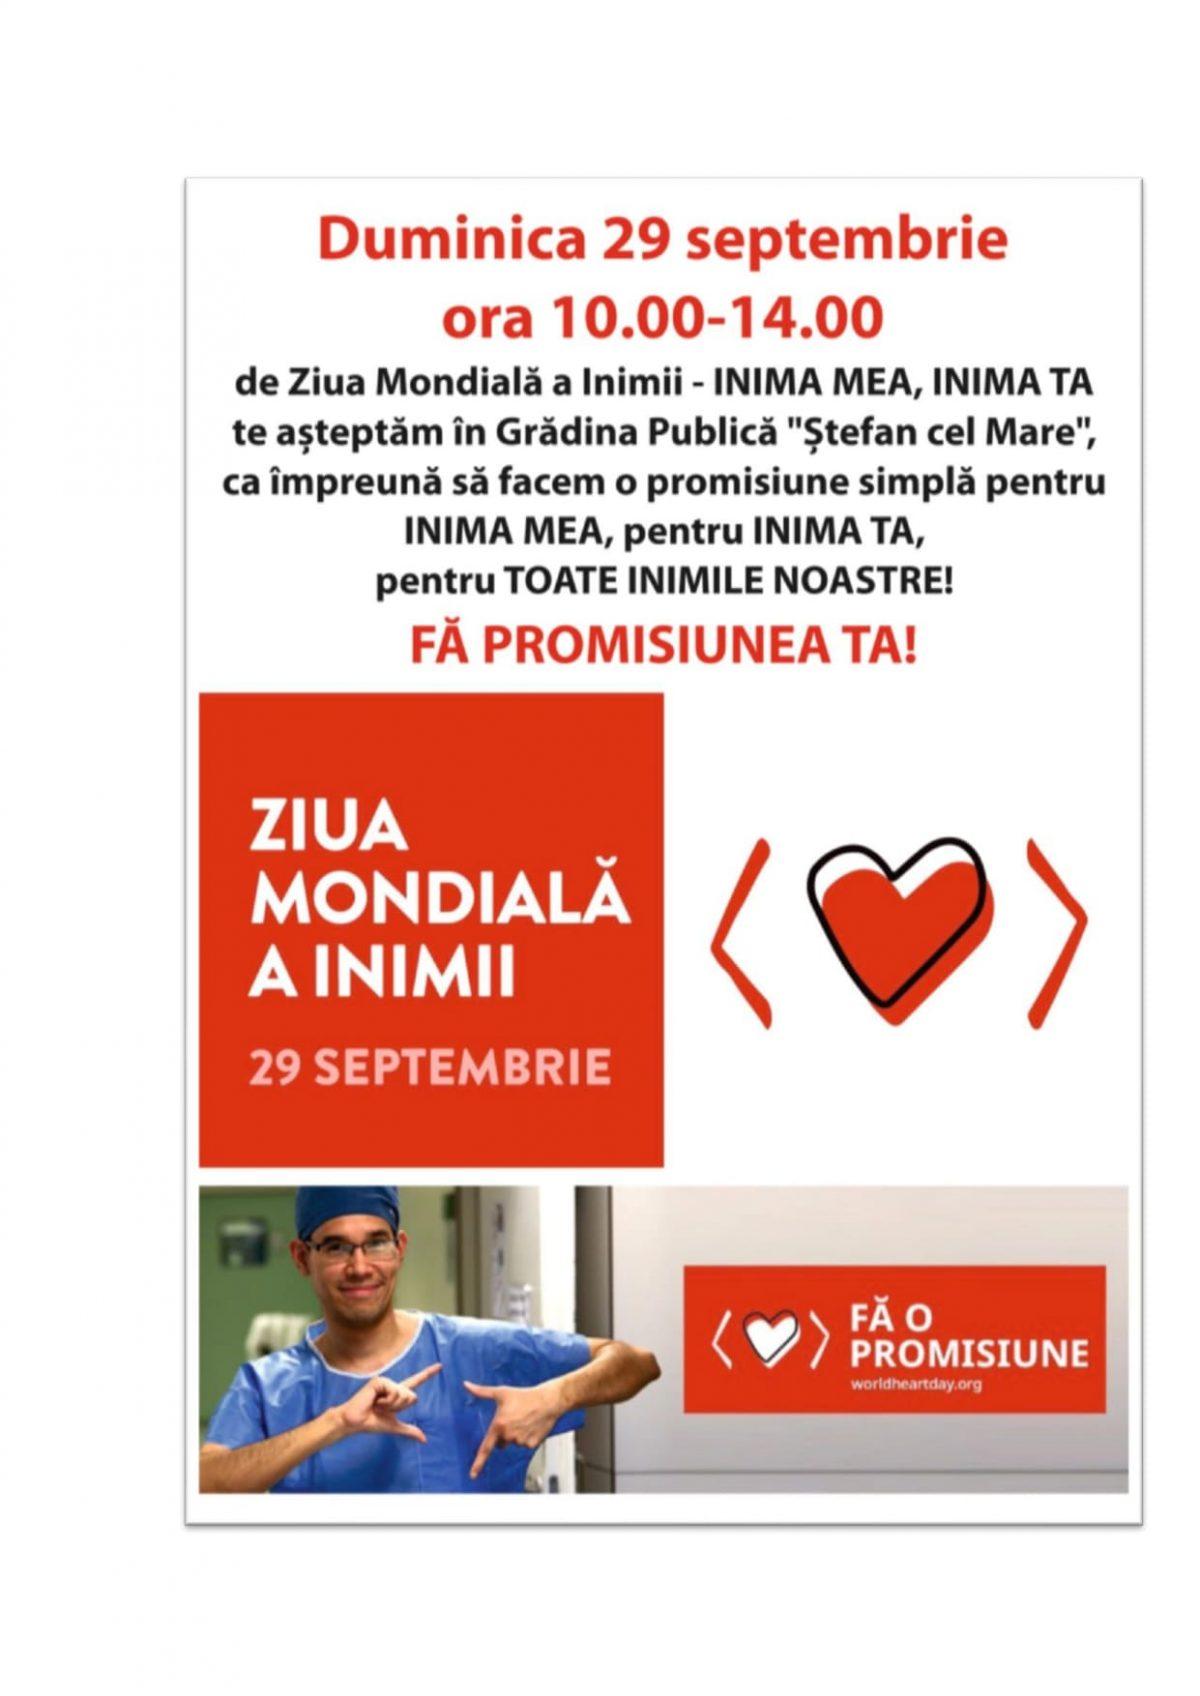 Ziua mondiala a inimii (1)